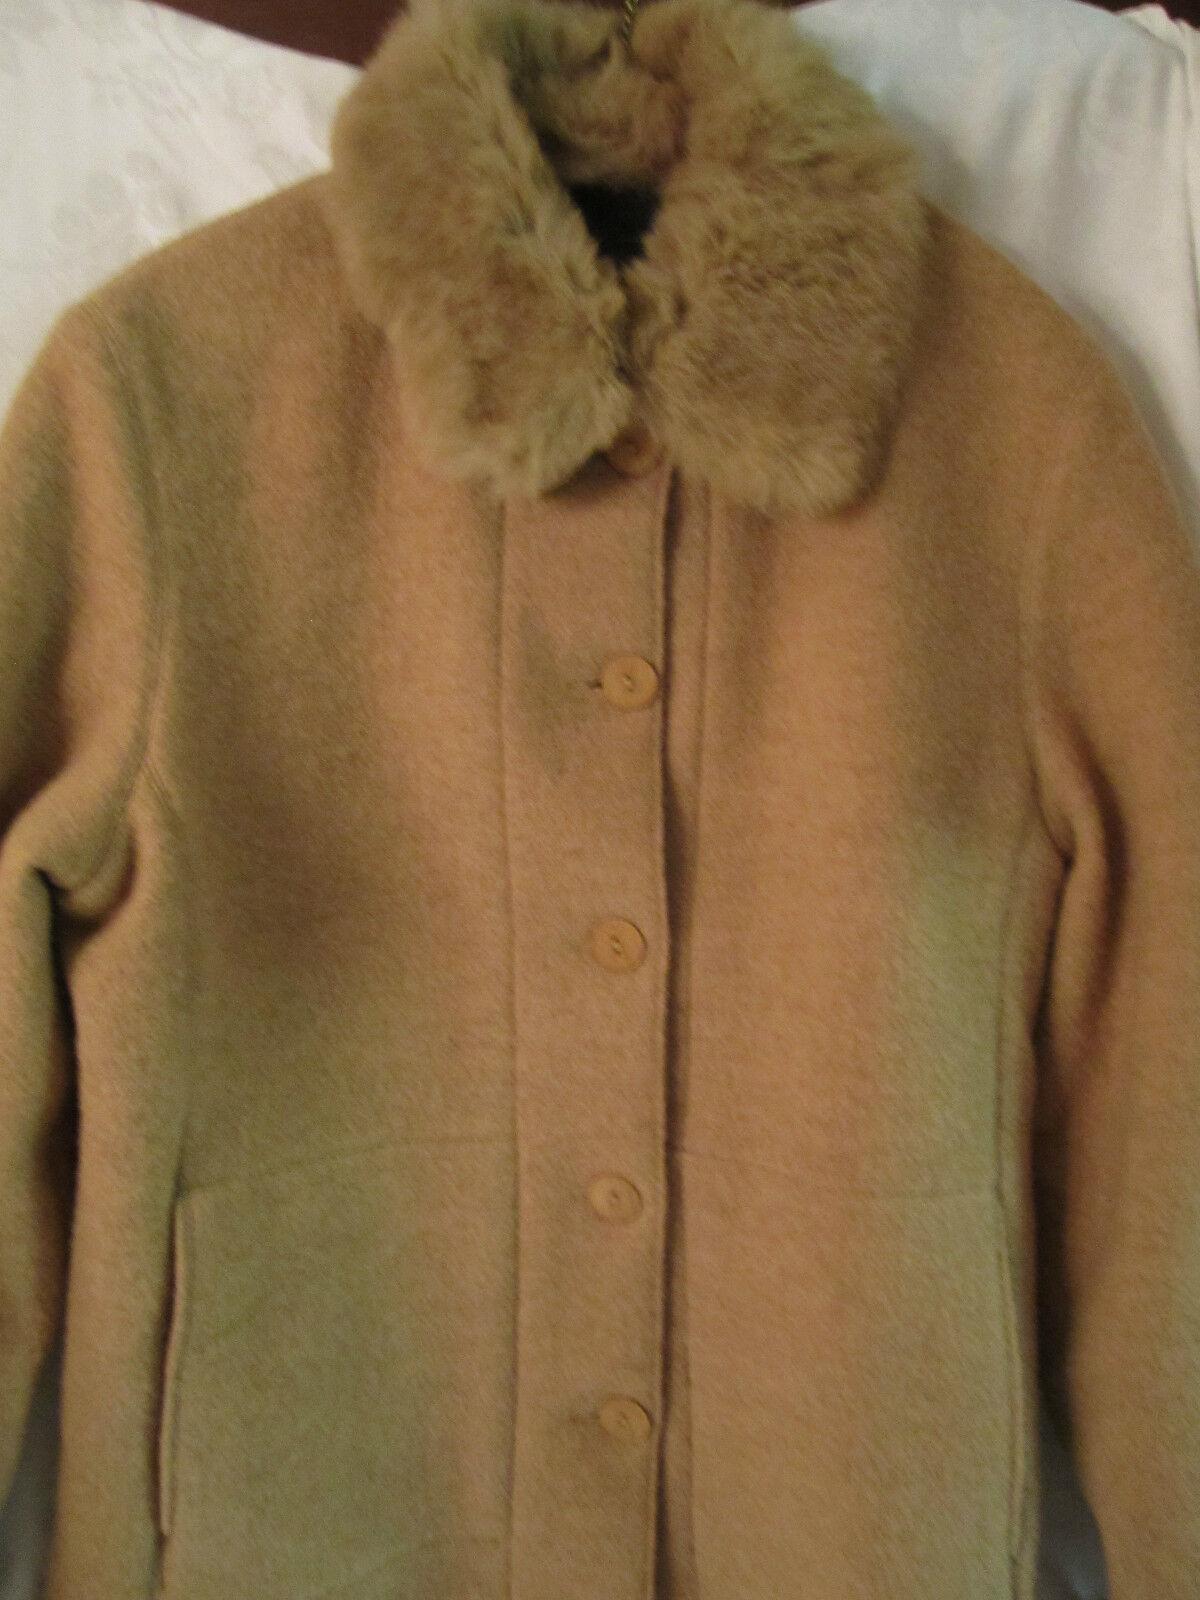 Hilary Radley  Piel Recortado Camel Chaqueta de lana con forro extraíble Talla 4  el mejor servicio post-venta